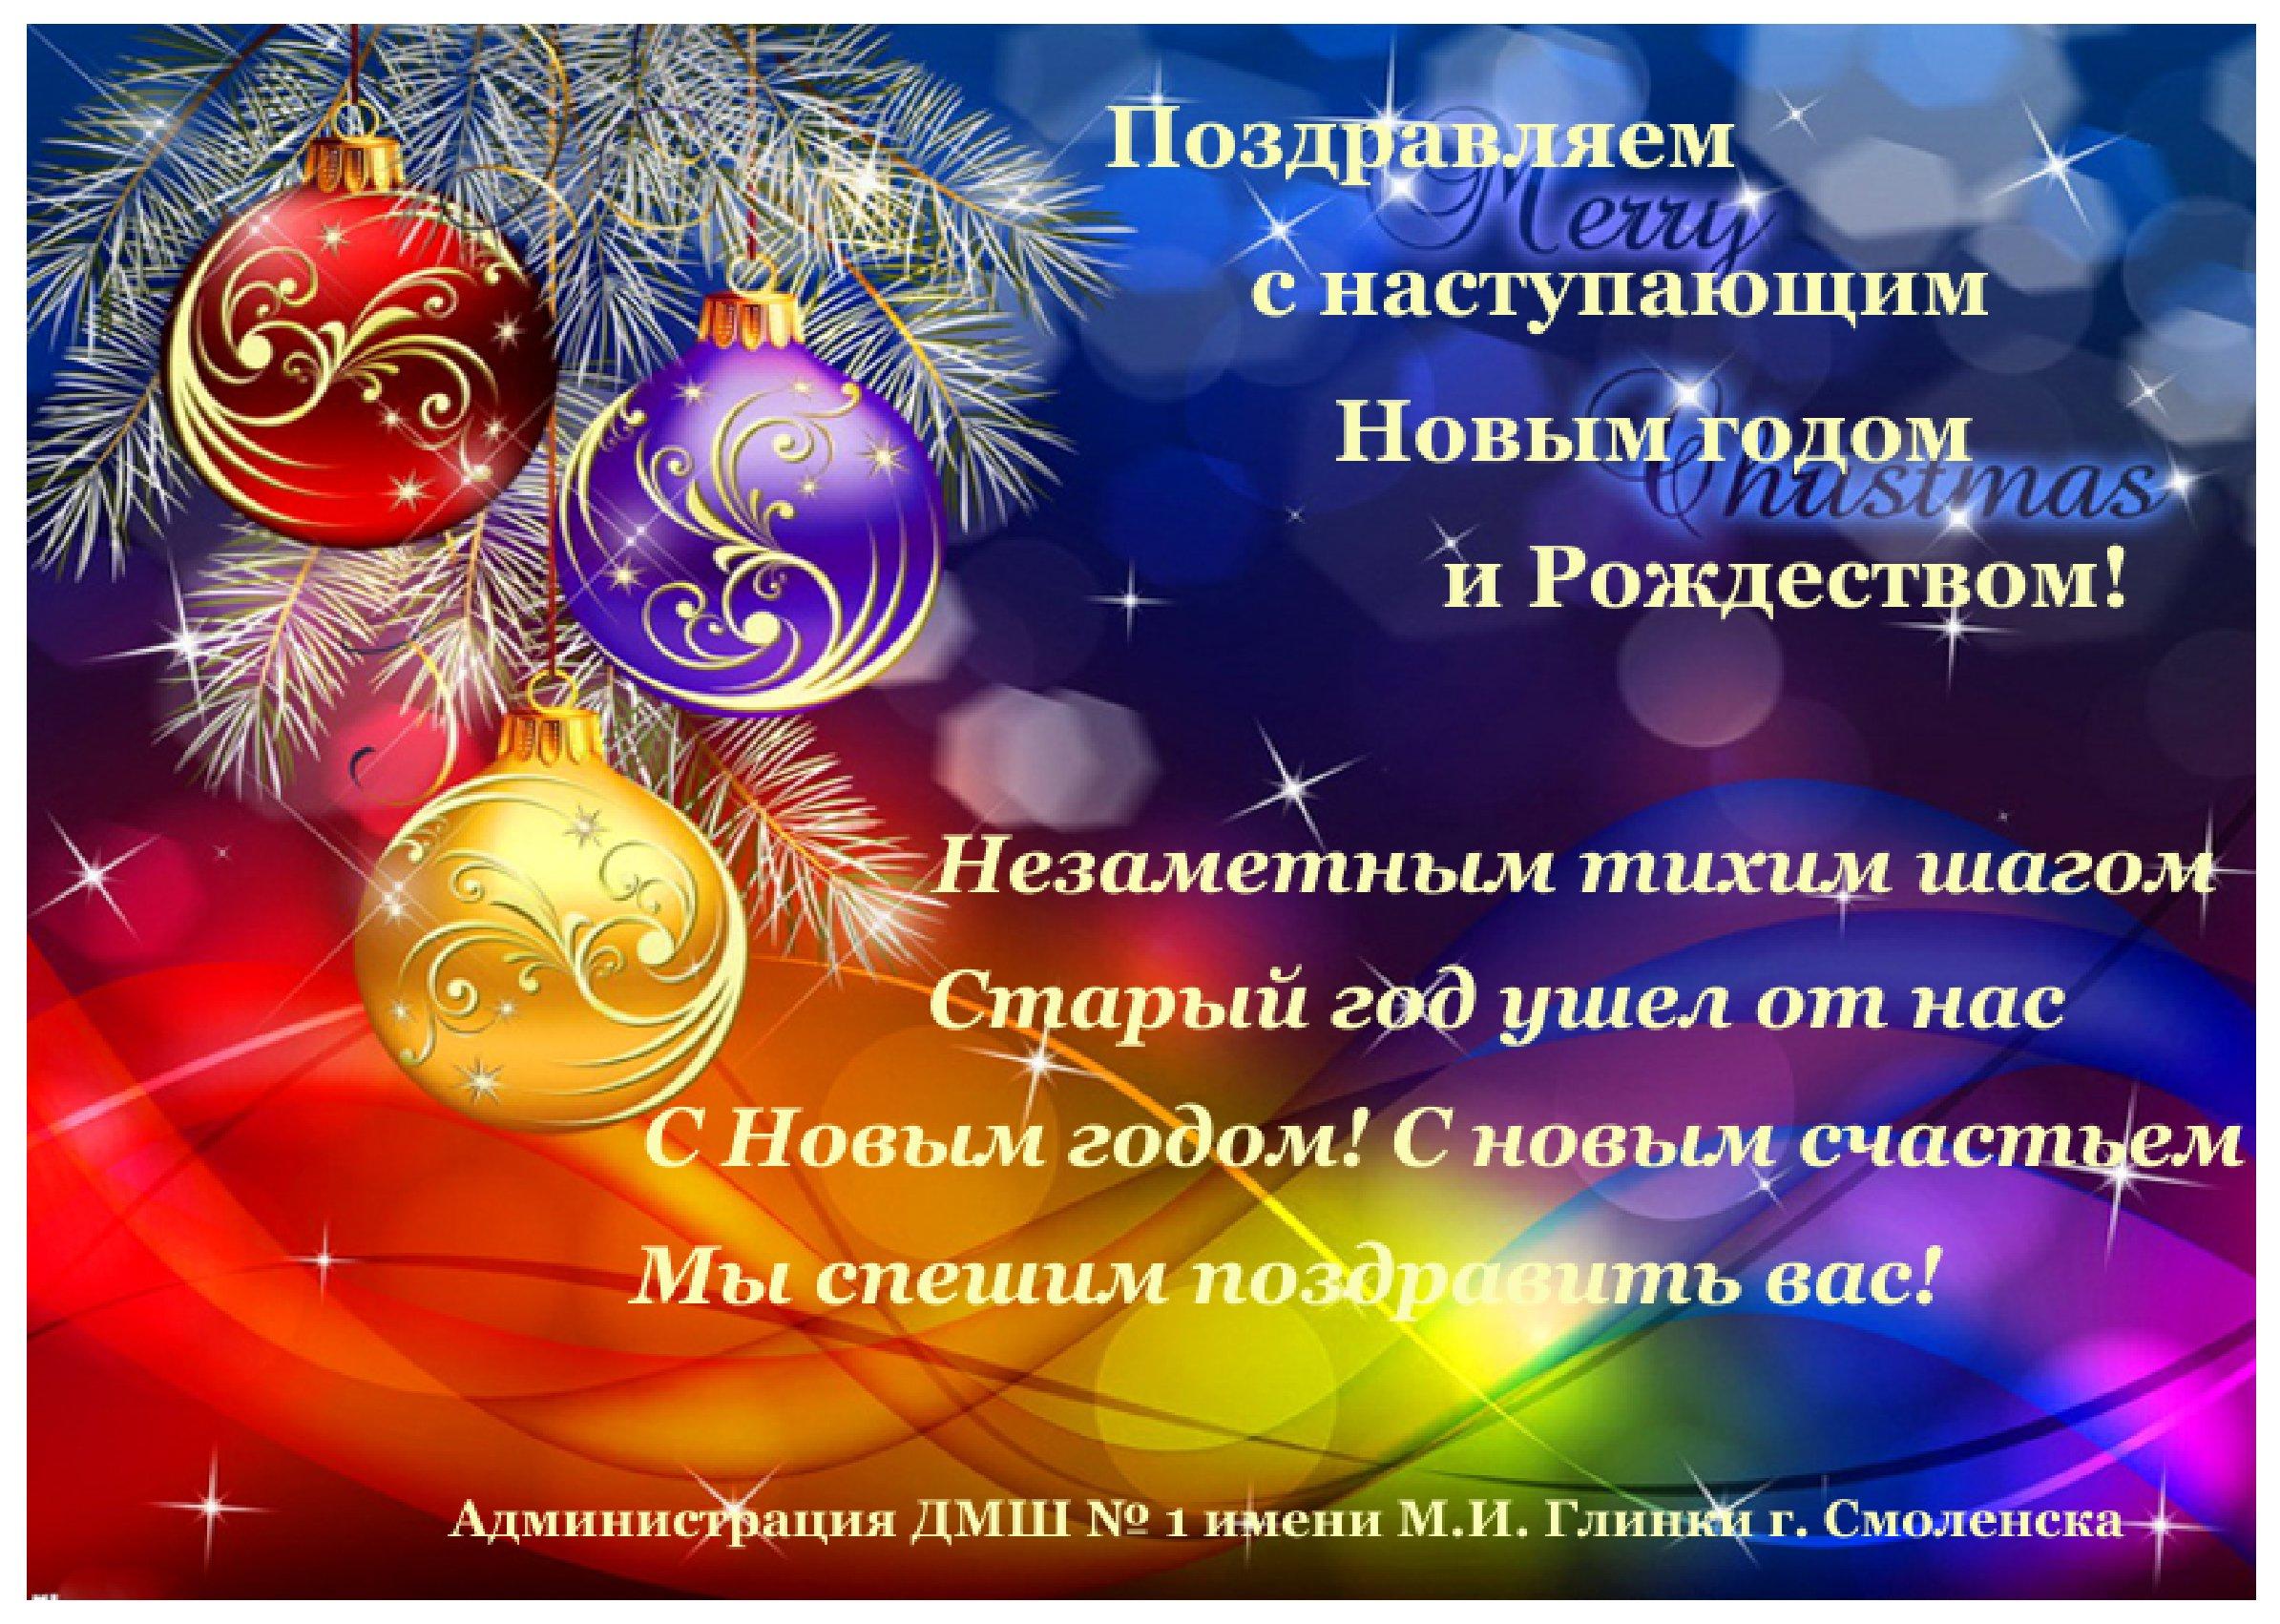 Креативные поздравления с новым годом